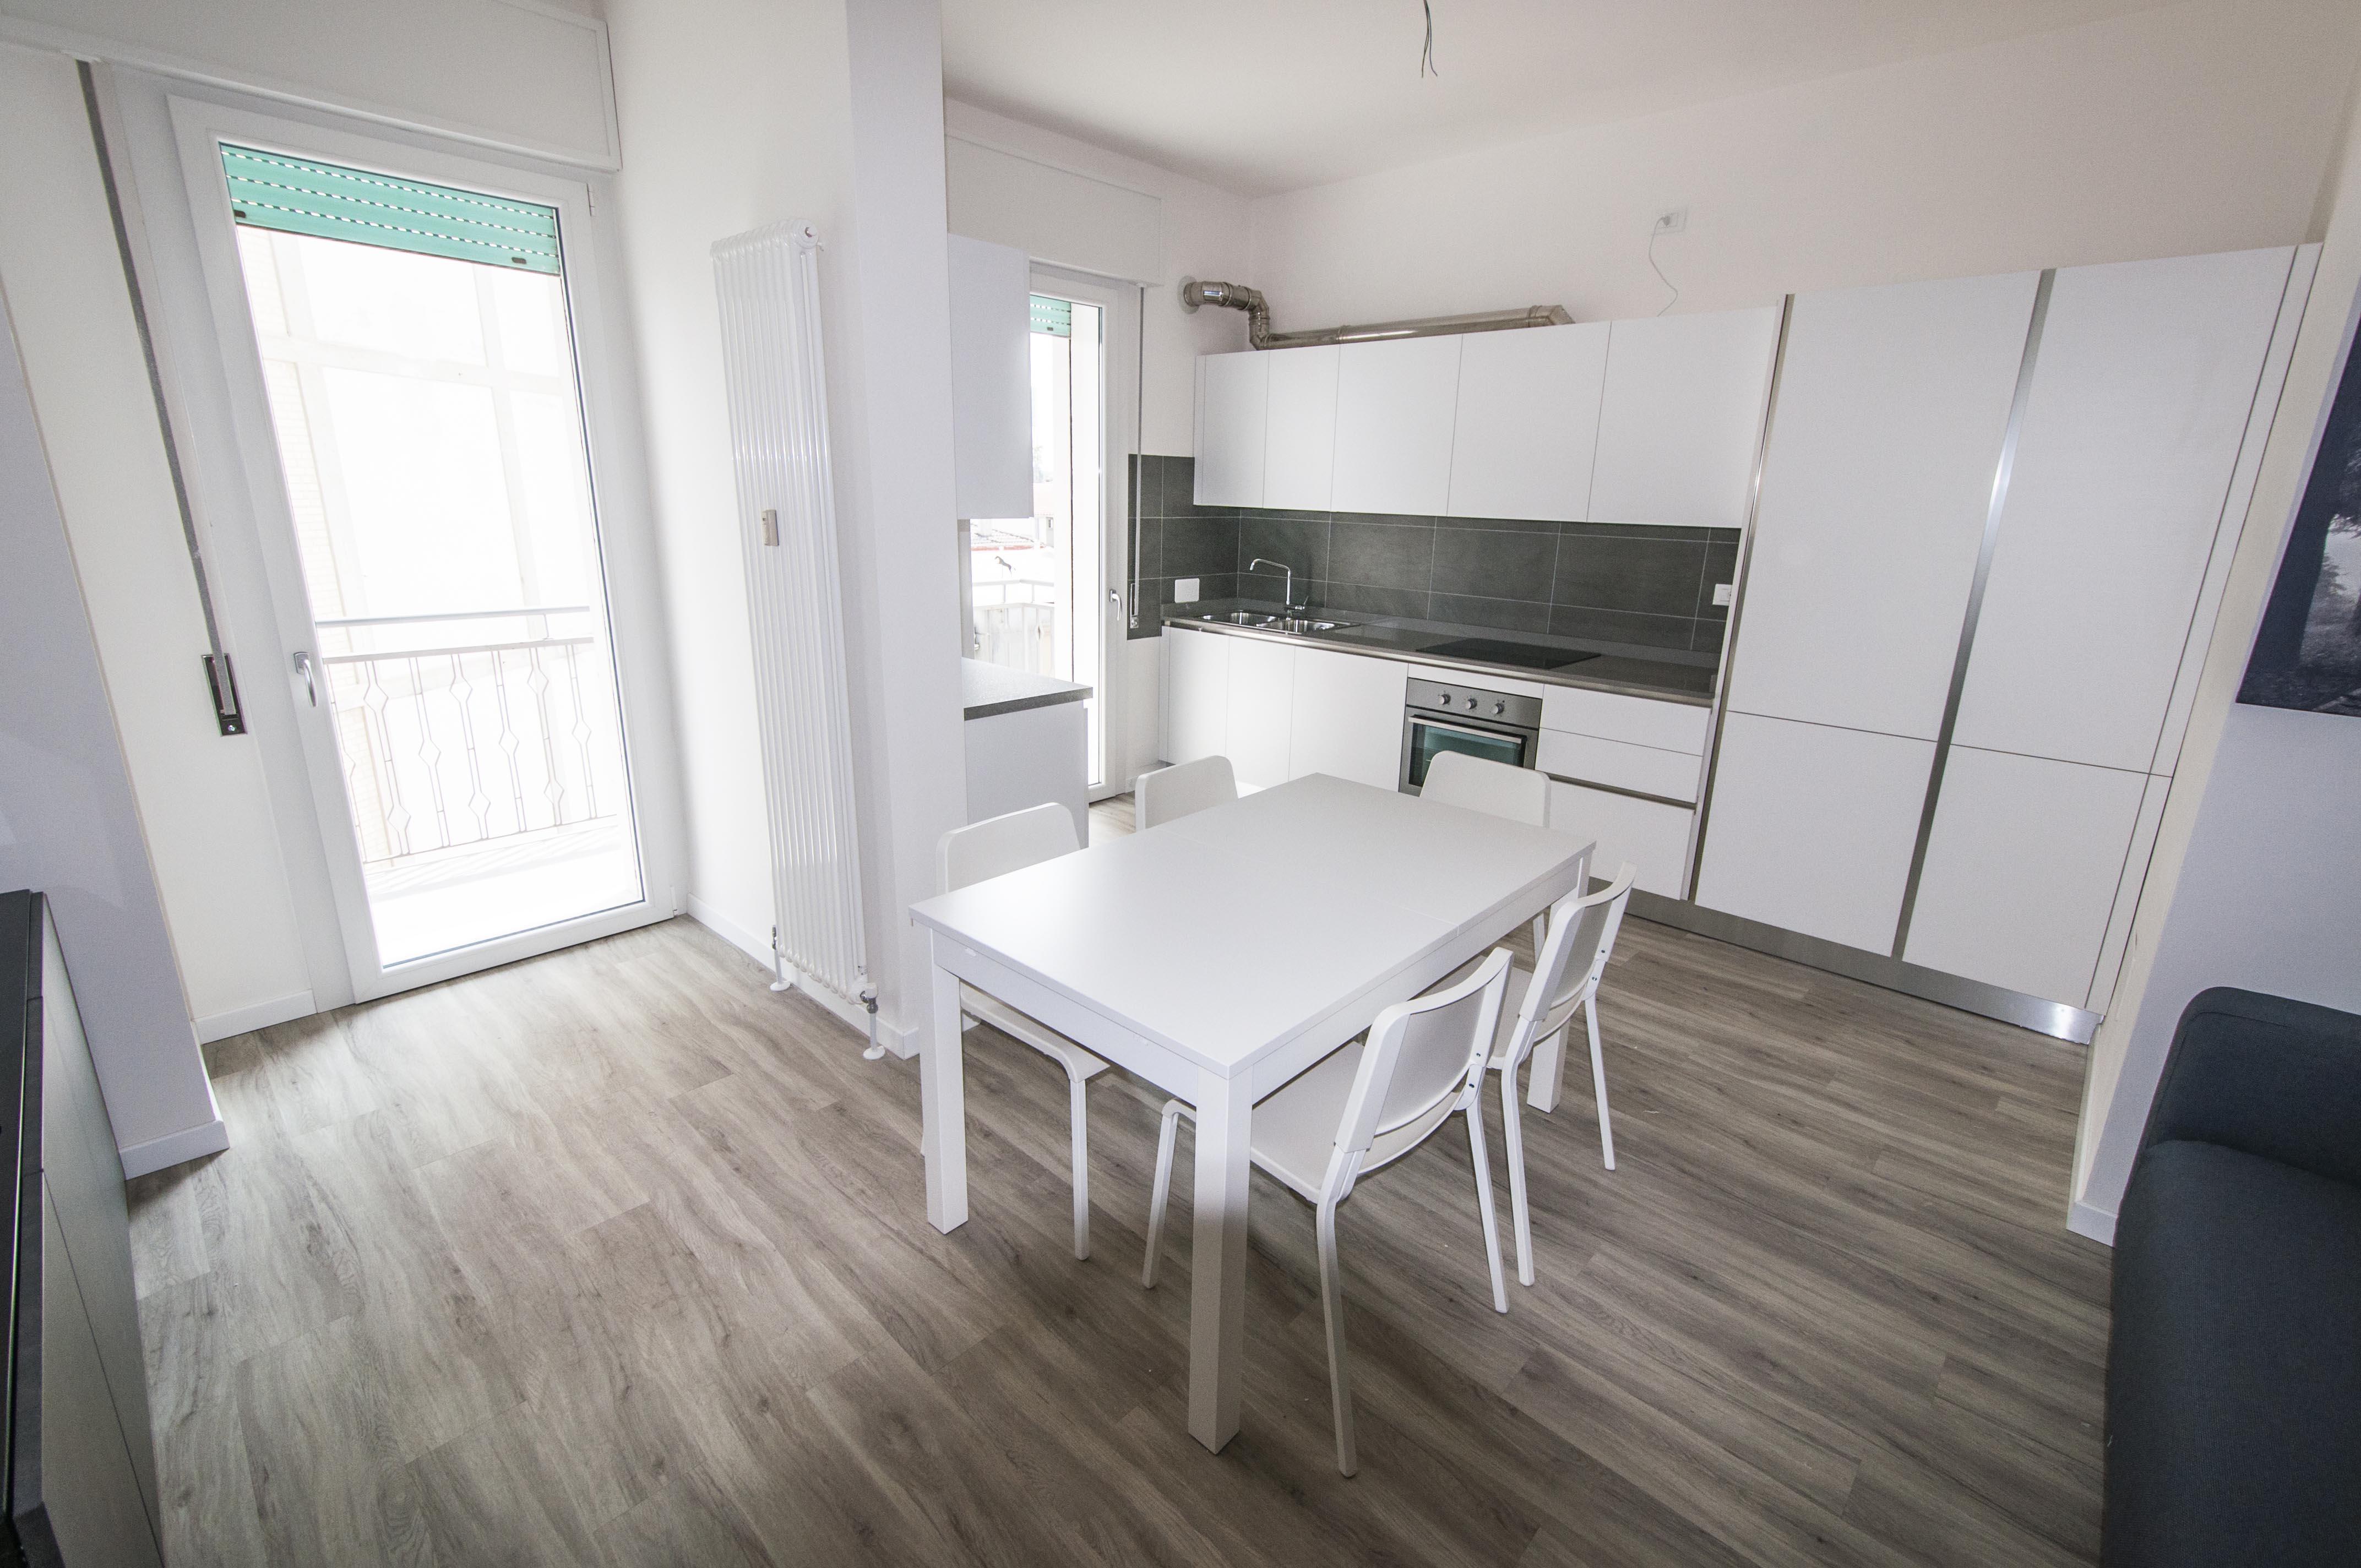 Camere in Affitto Treviso - Studio Architettura Zanatta 05